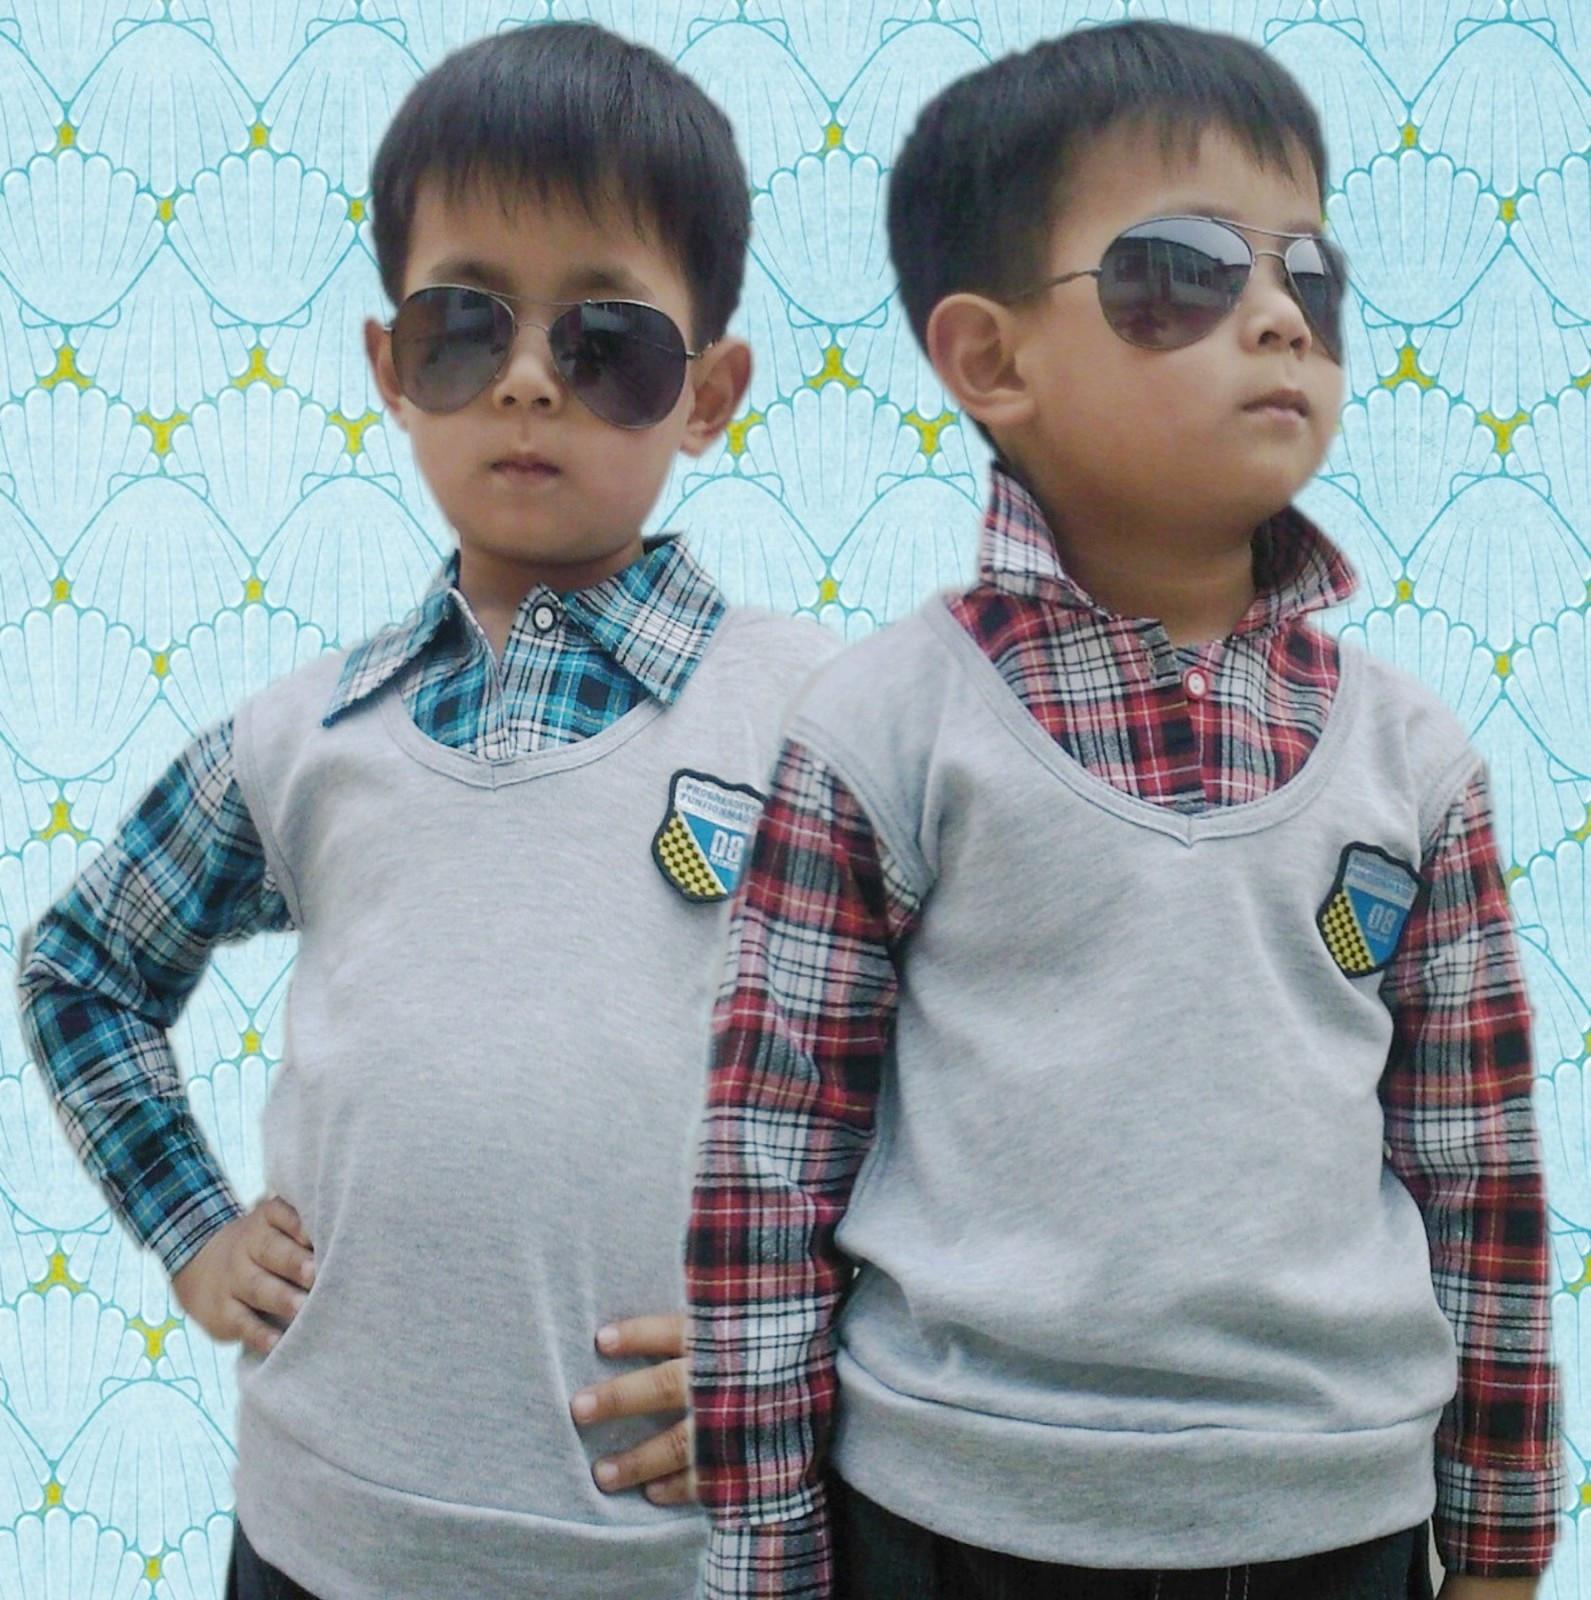 Рубашка детская 2011 новый стиль ребенка плед рубашка с длинным рукавом от двухсекционный мальчиков сейчас 19,9 юаней